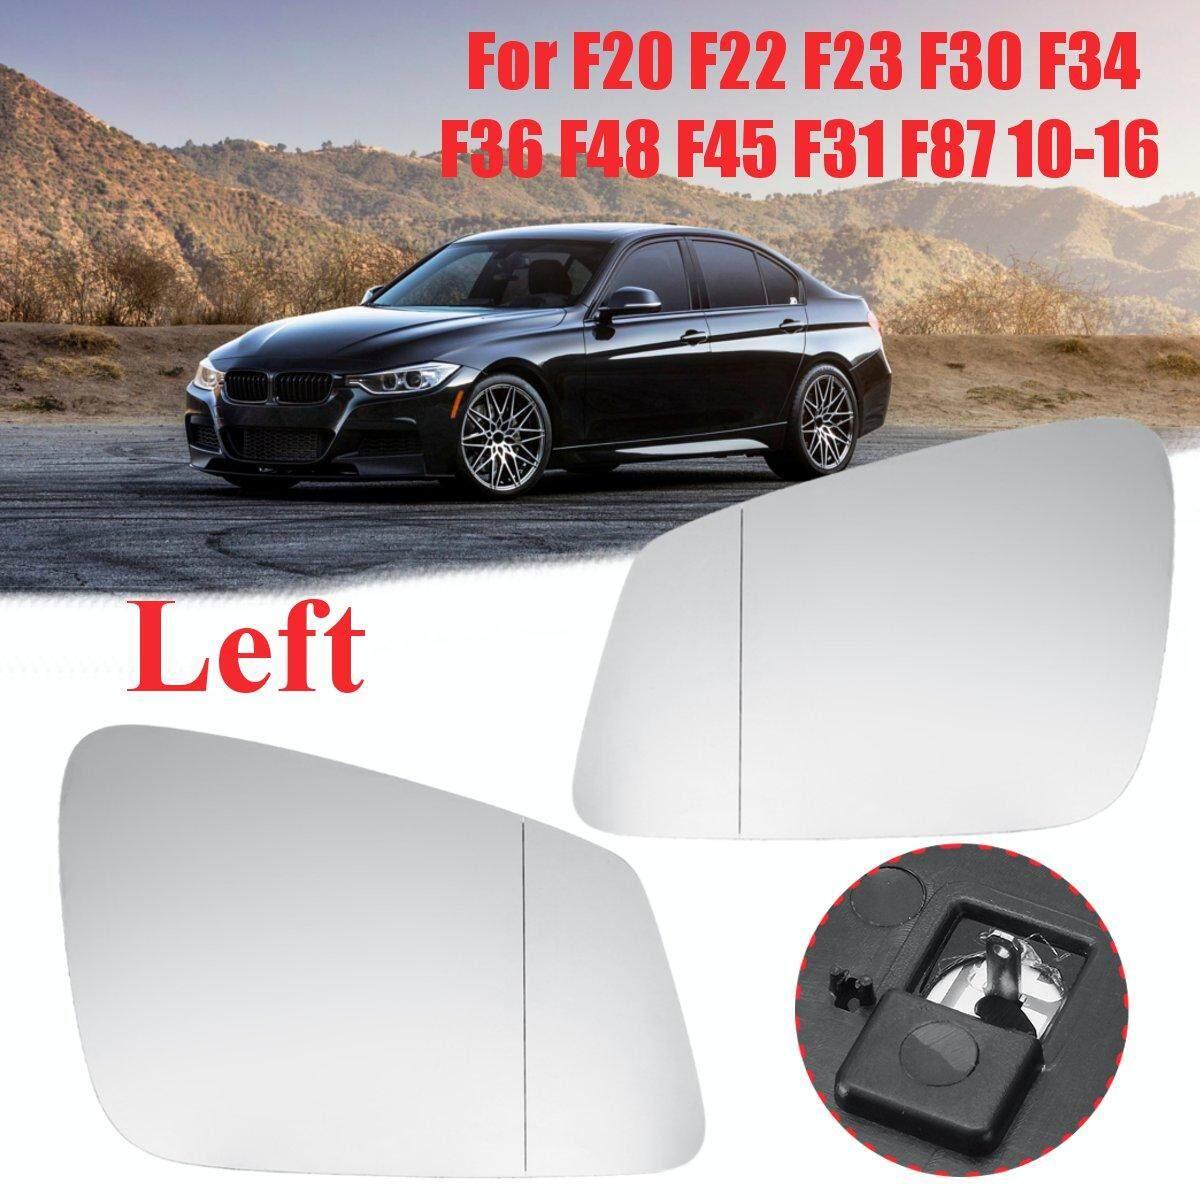 【free Pengiriman + Flash Deal】pair Lebar Sudut Dipanaskan Cermin Kaca Untuk Bmw F20 F22 F23 F30 F34 F36 F48 F45 F31 By Motorup.